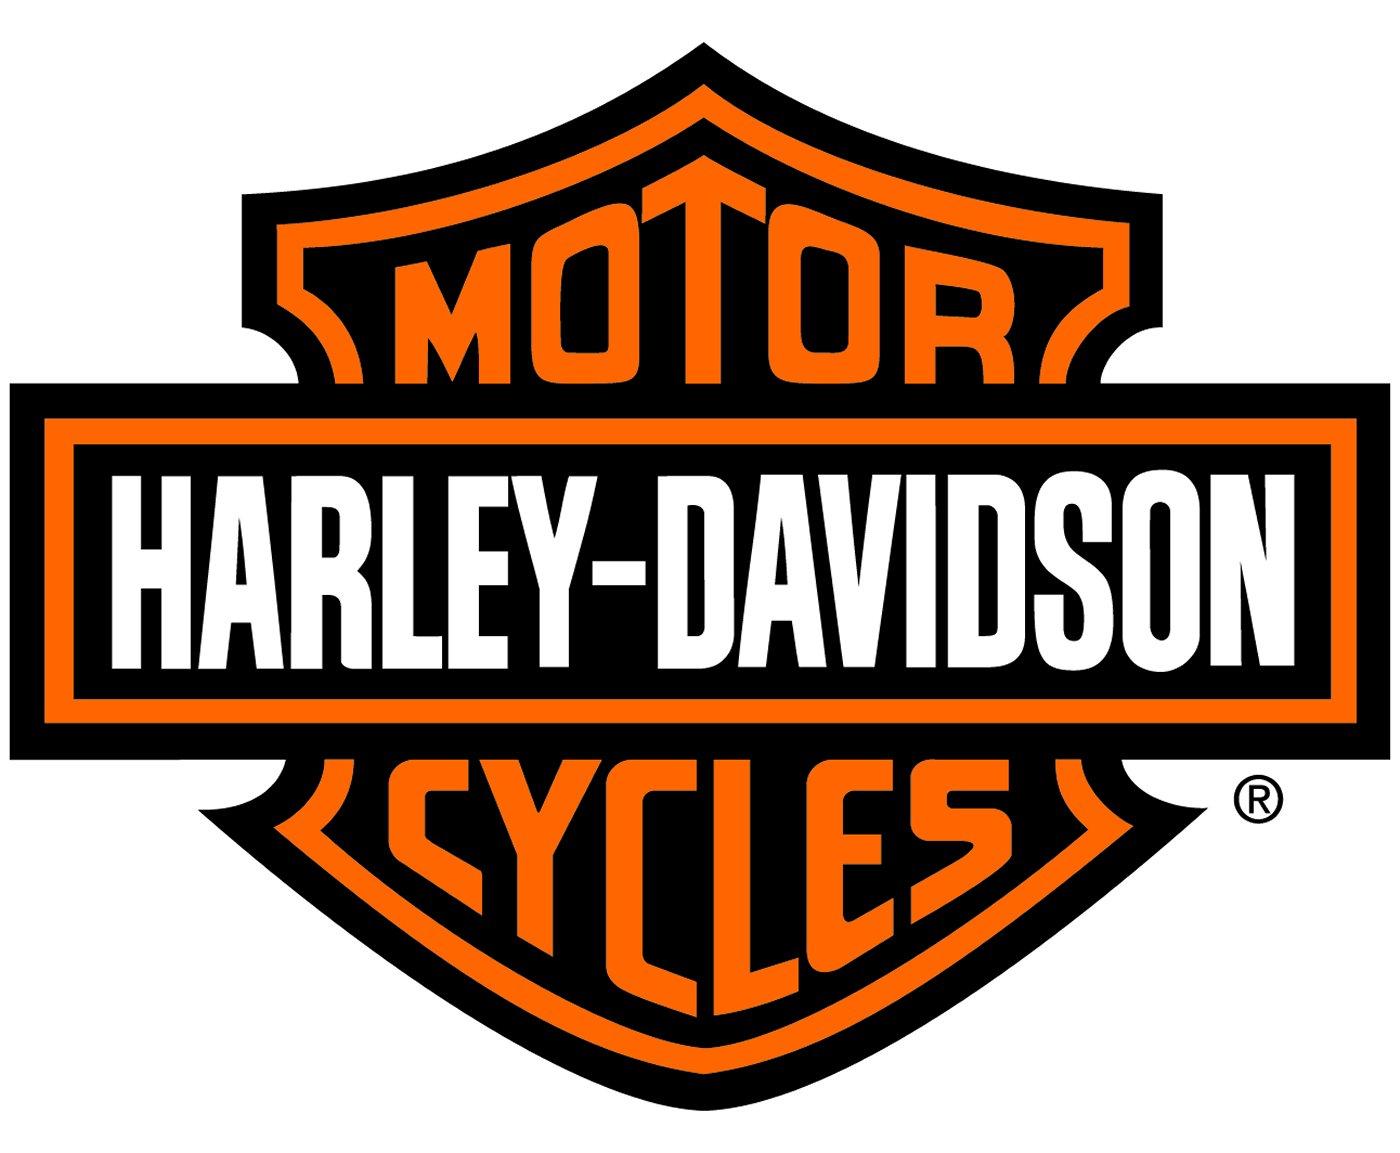 harley-davidson-logo-08.jpg